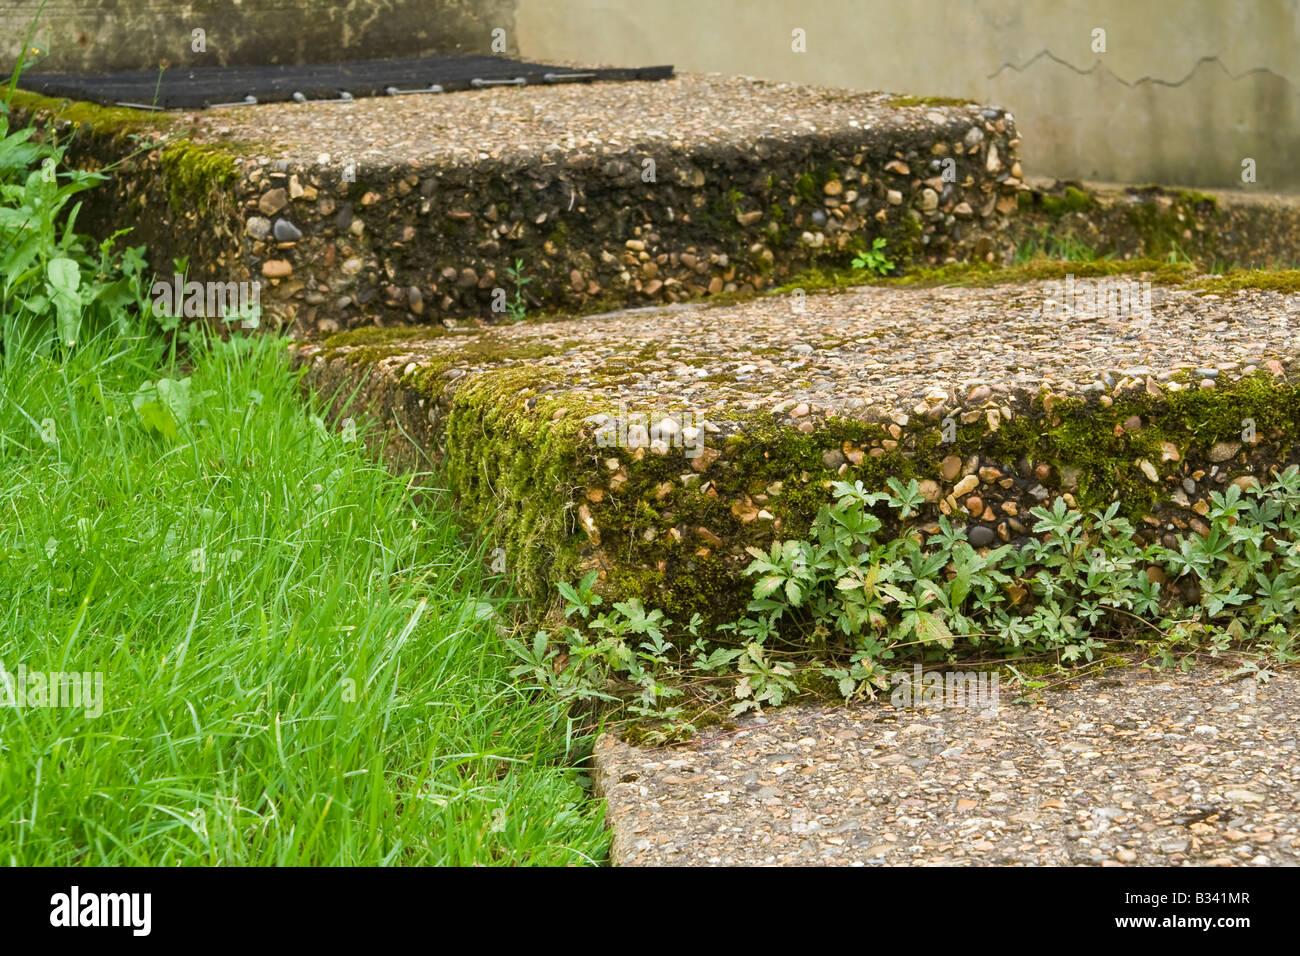 A garden path, UK. - Stock Image